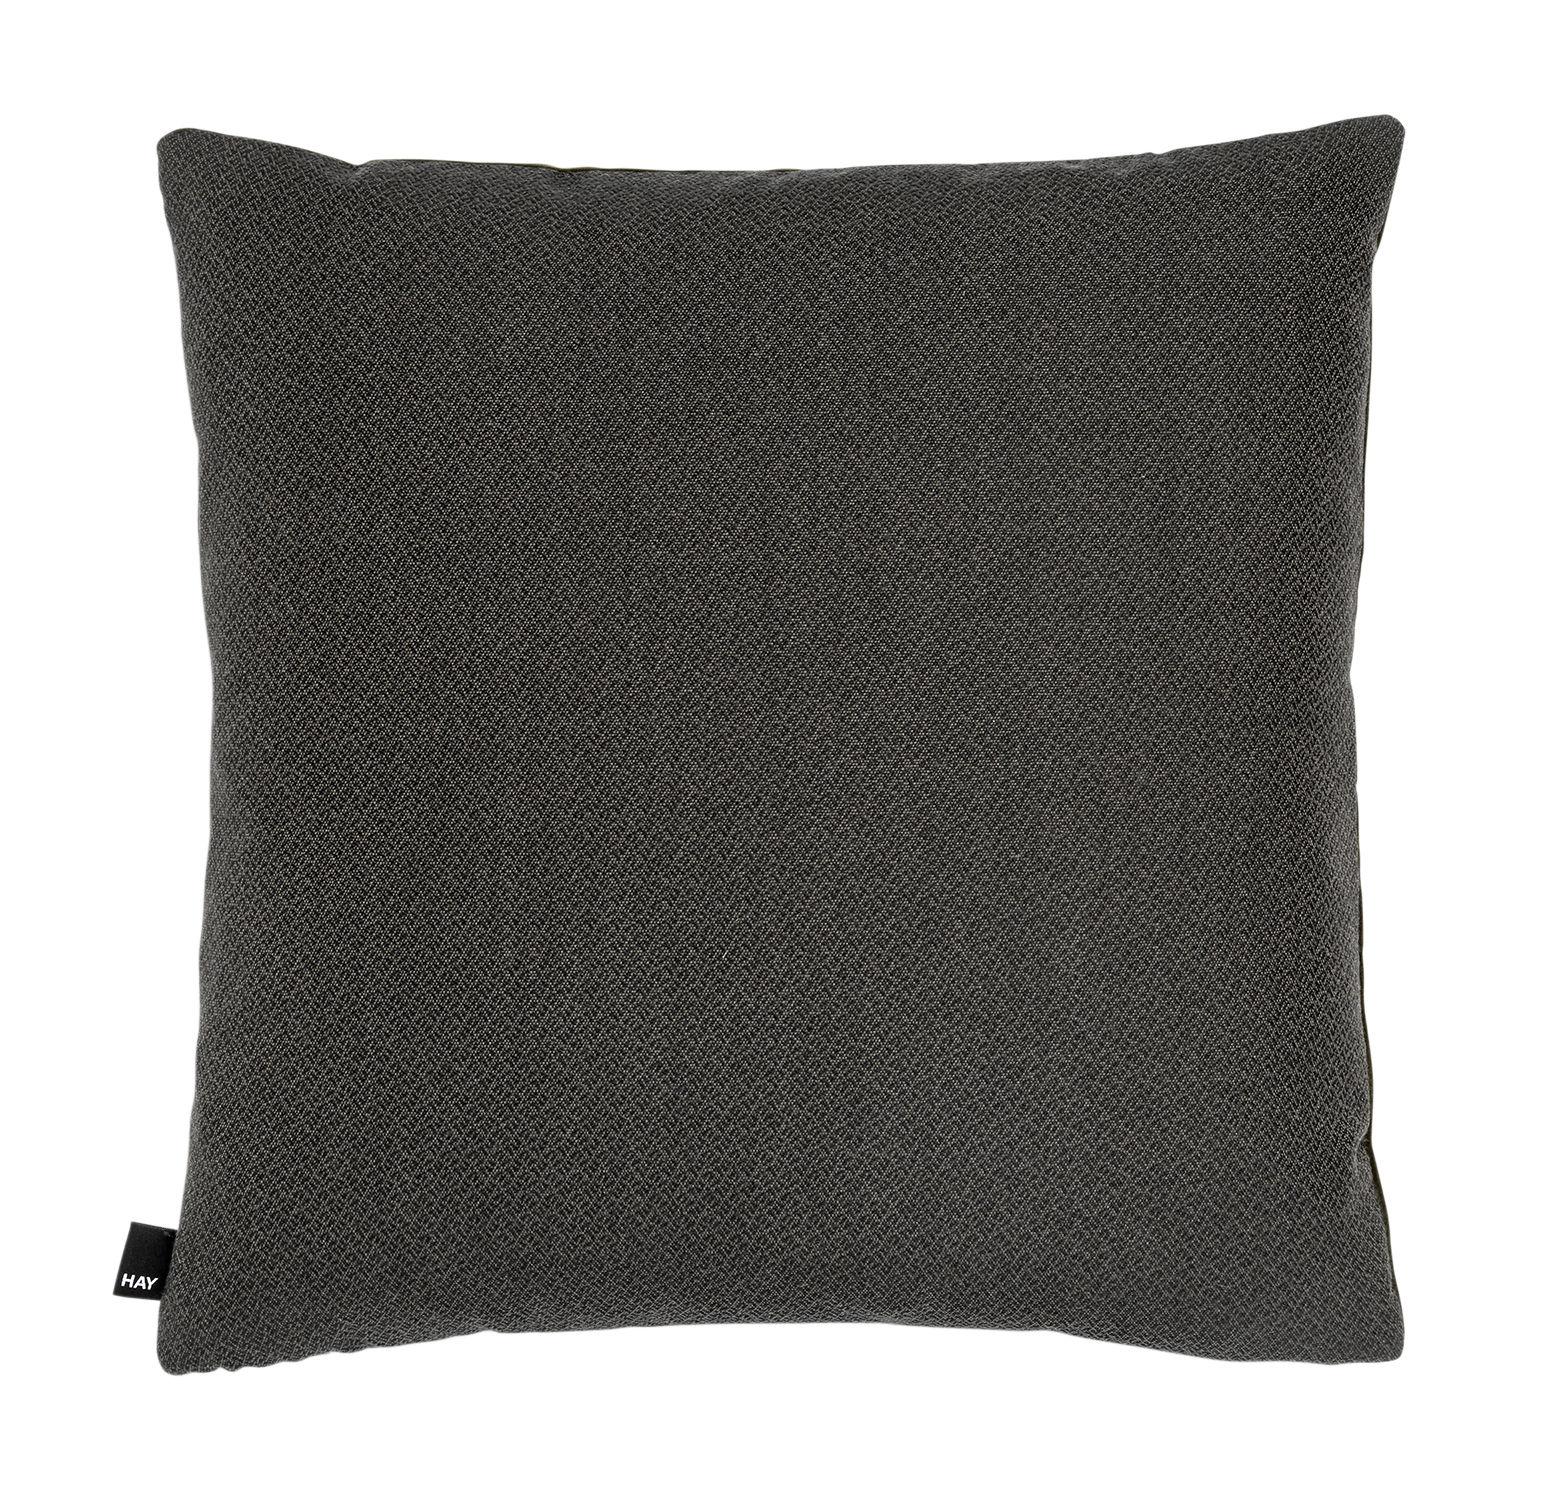 kissen eclectic von hay moosgr n made in design. Black Bedroom Furniture Sets. Home Design Ideas